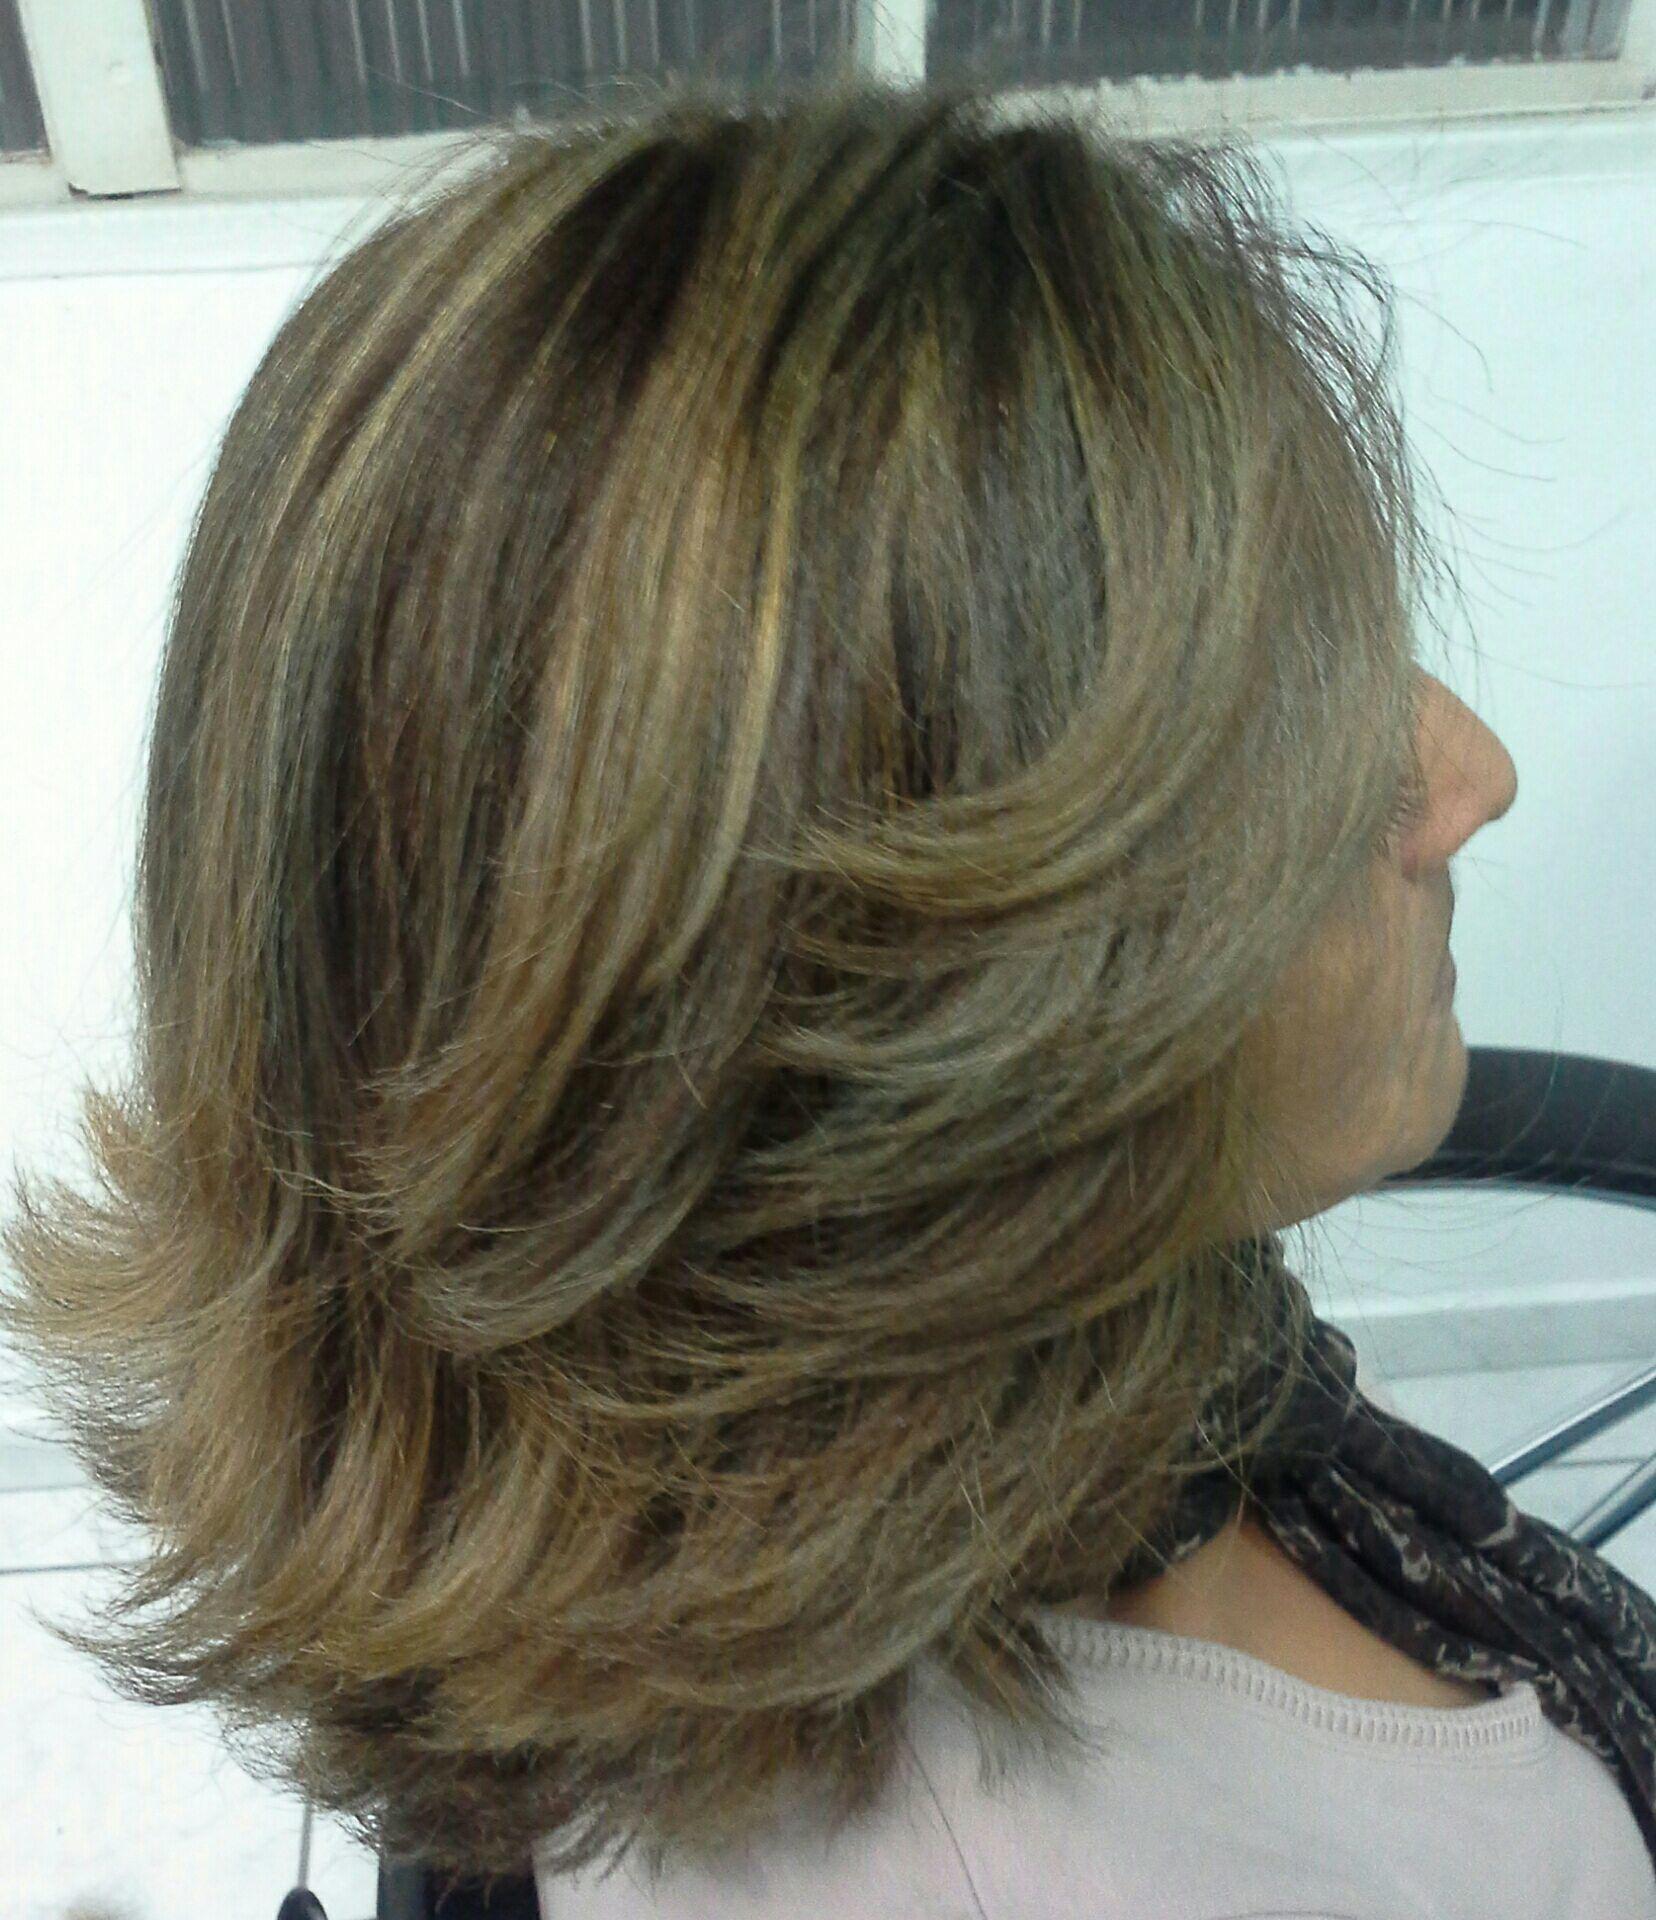 Resultado do  relaxamento  feito  a base de  hidróxido de sódio, depois  de uma  semana  coloração  e poucas luzes  para iluminar cabelo stylist / visagista cabeleireiro(a)